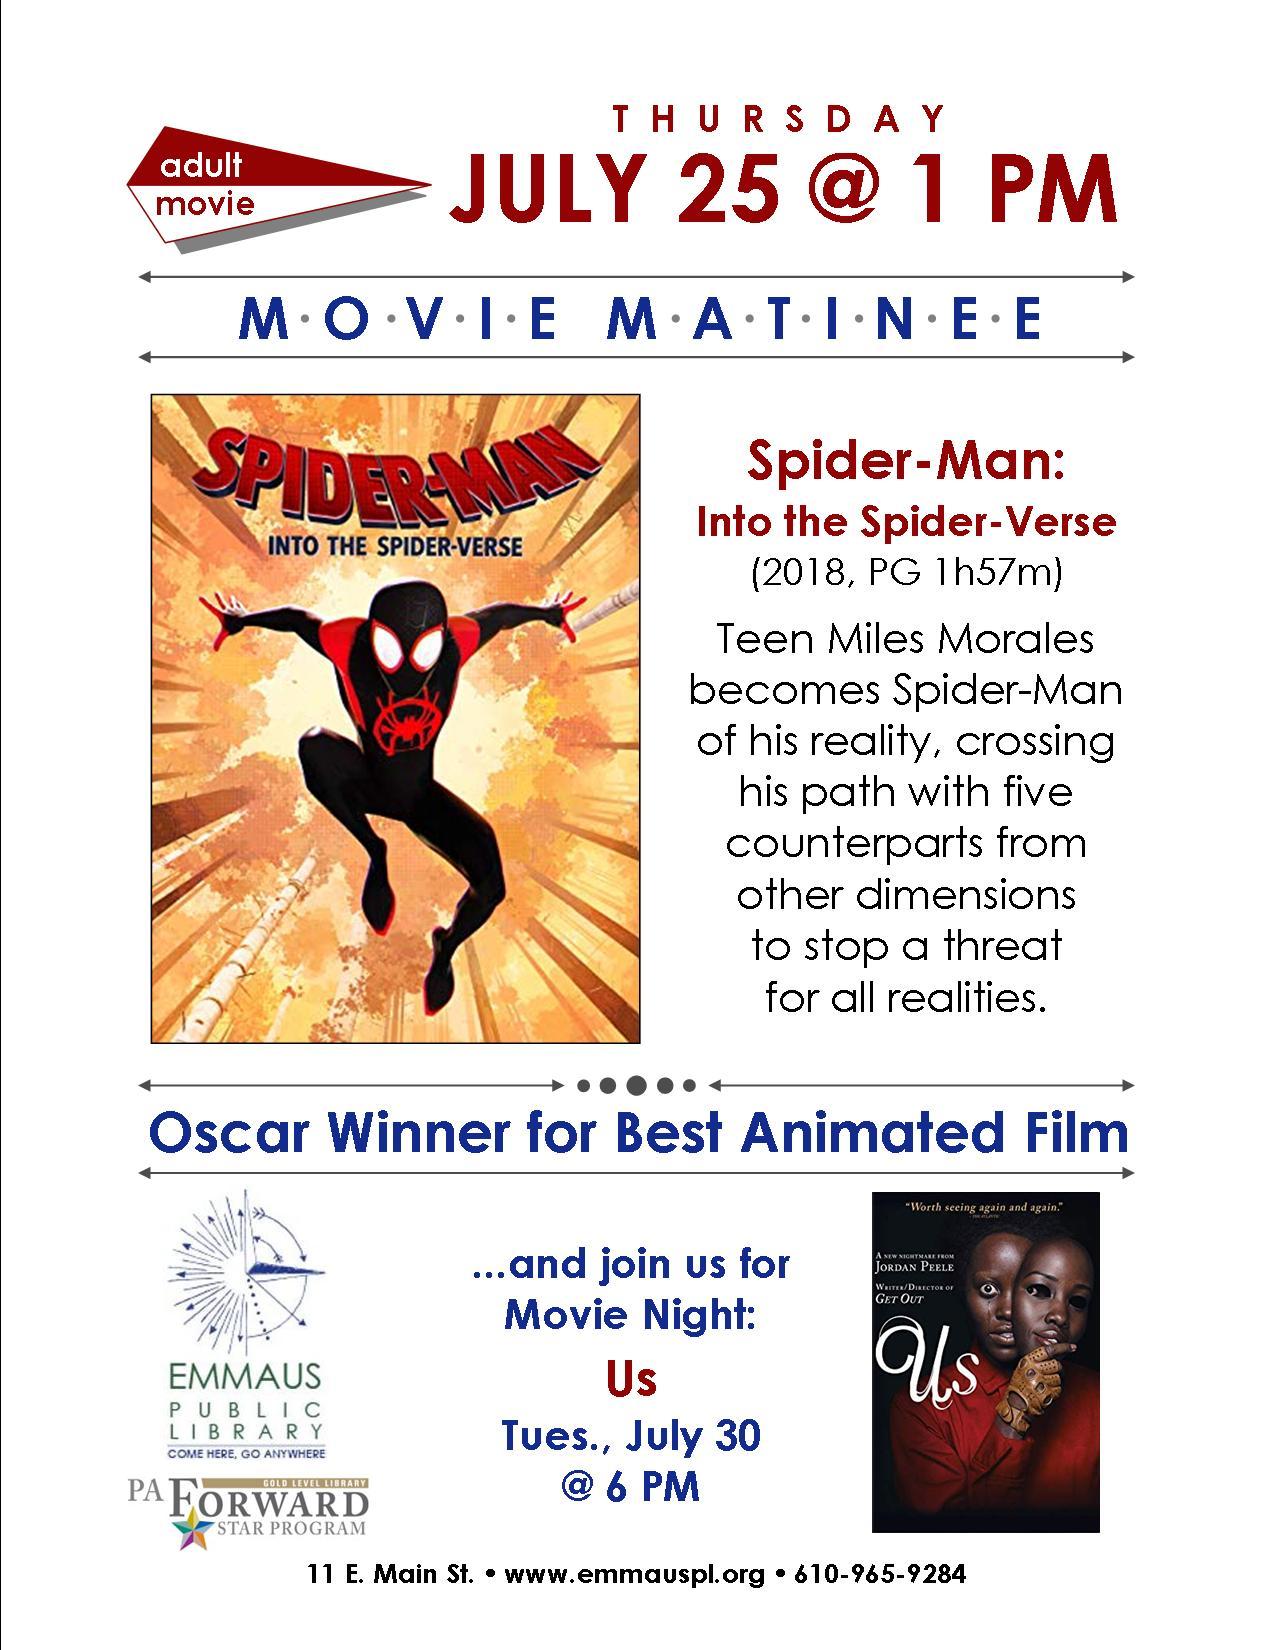 Movie Matinee: Spider-Man: Into the Spider-Verse - Emmaus Public Library